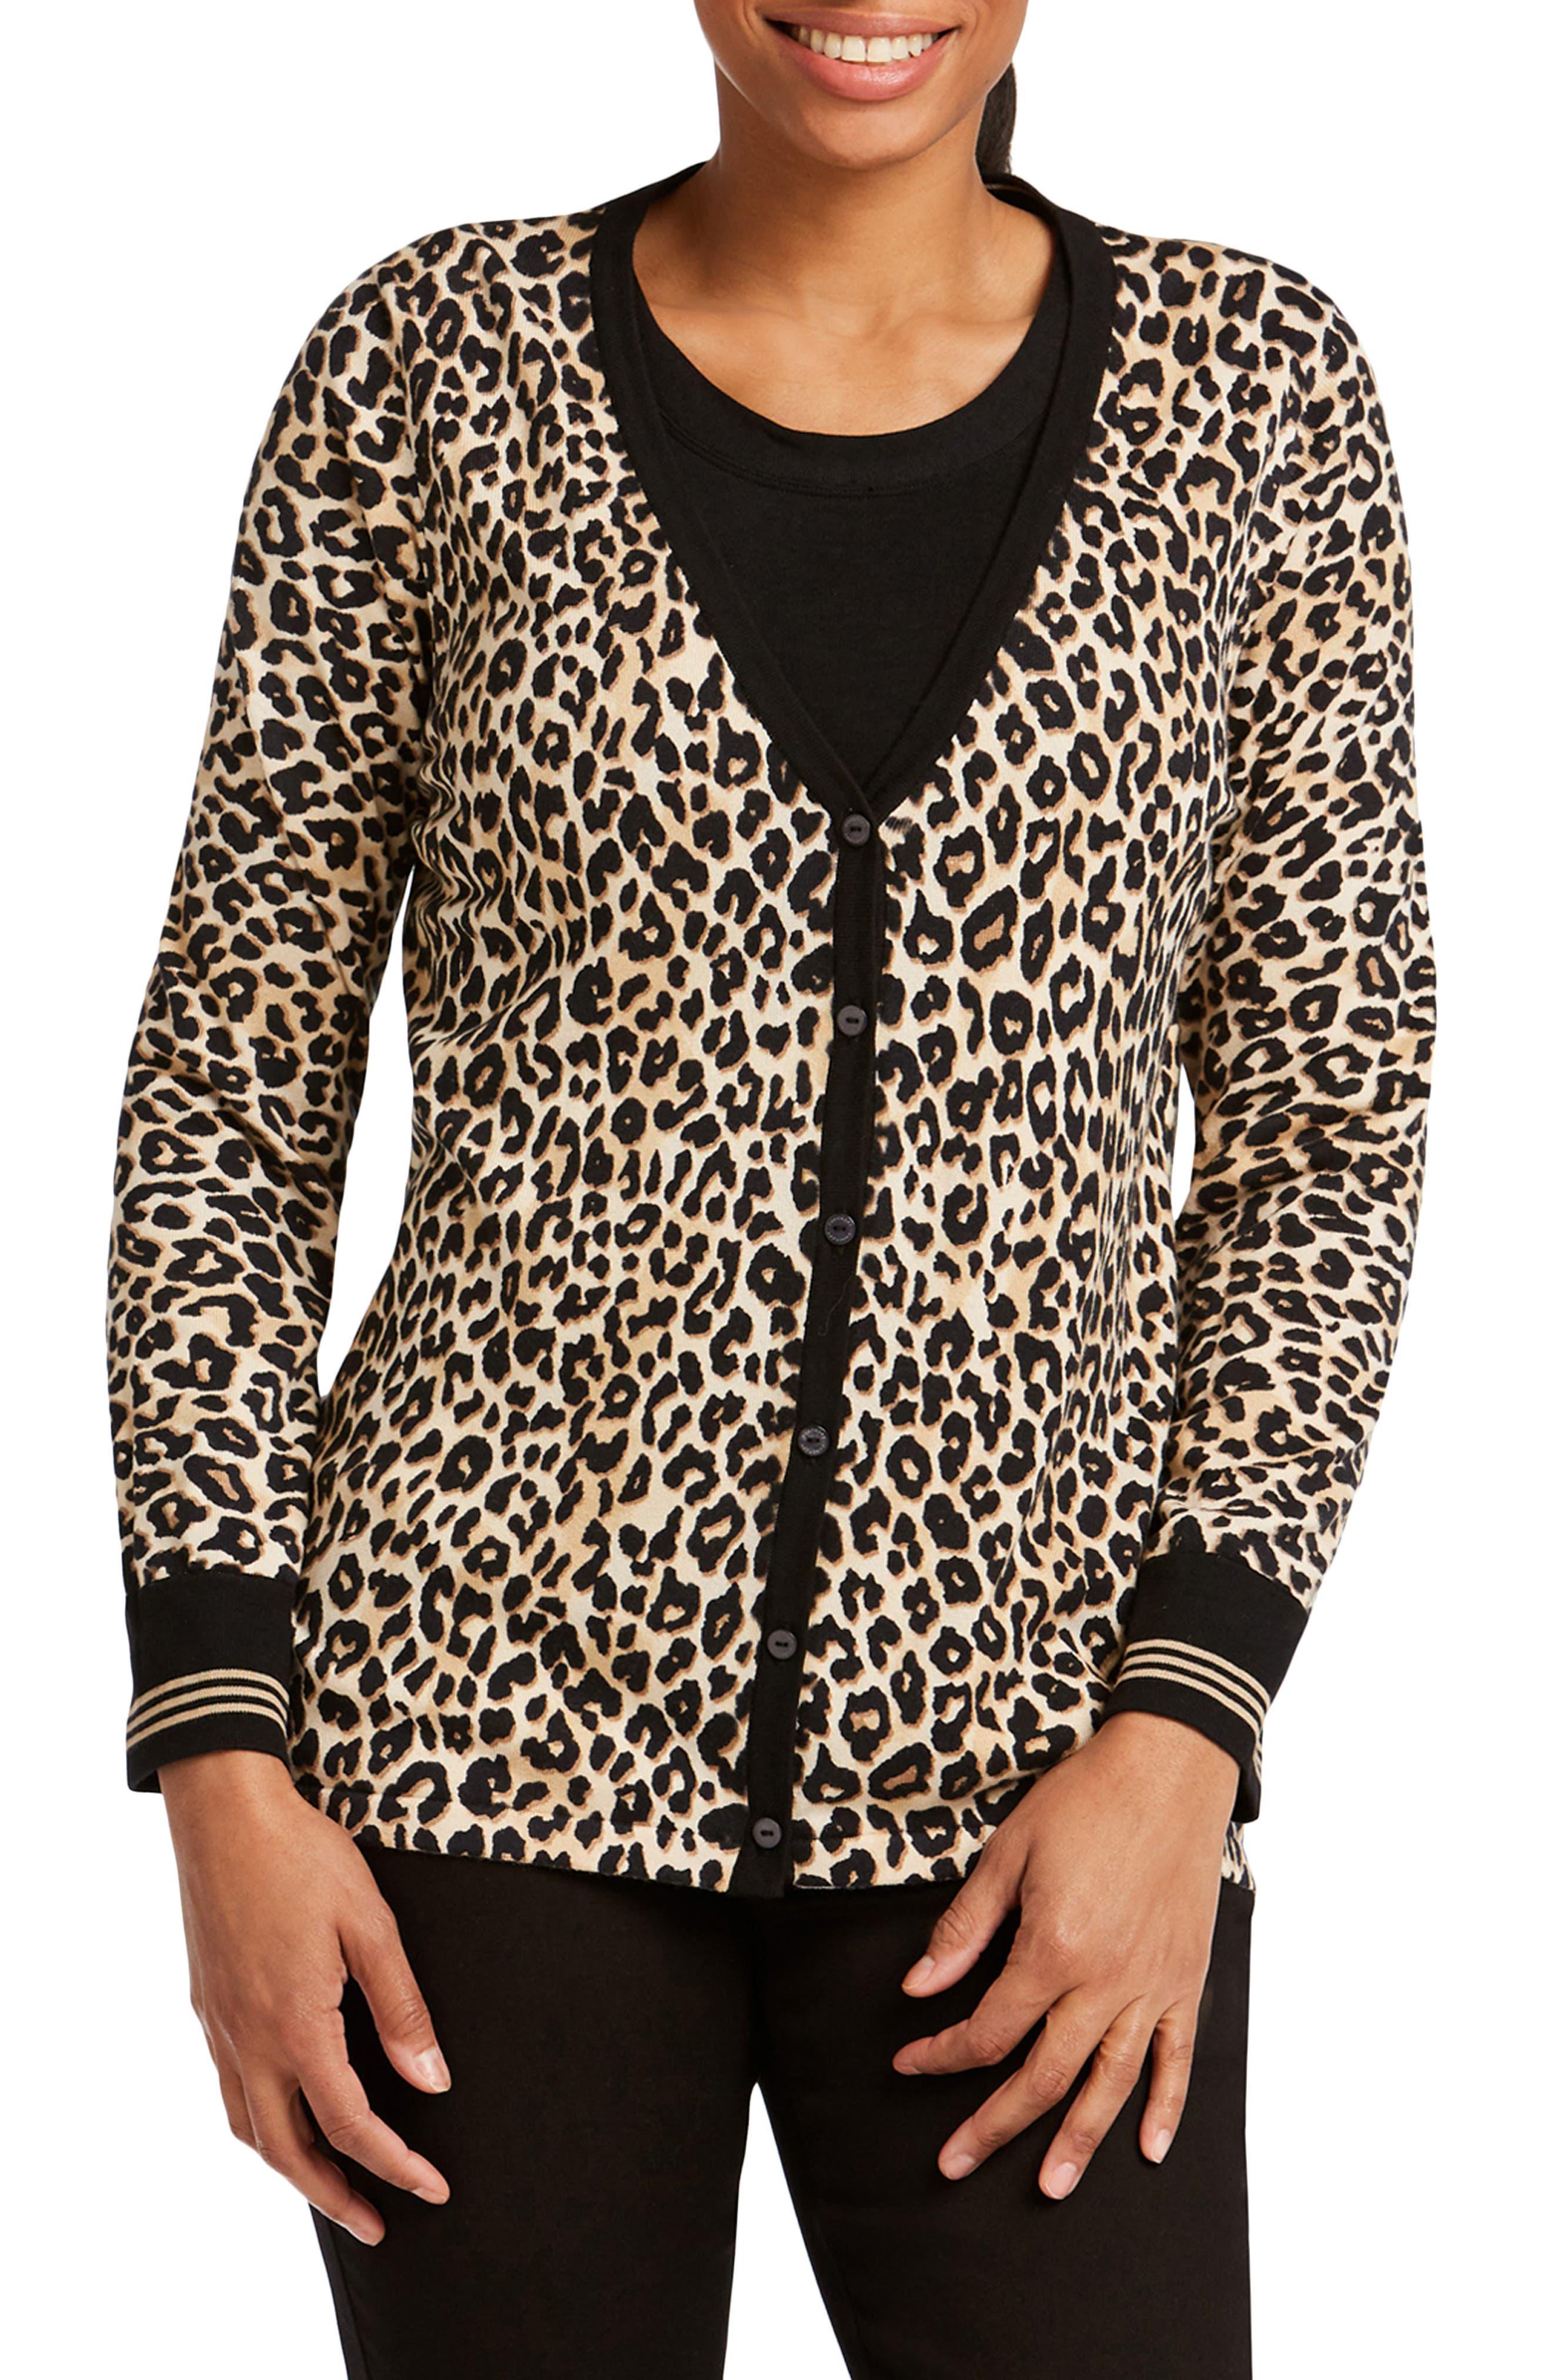 FOXCROFT Veronika Leopard Print Cardigan Sweater in Almond Tart